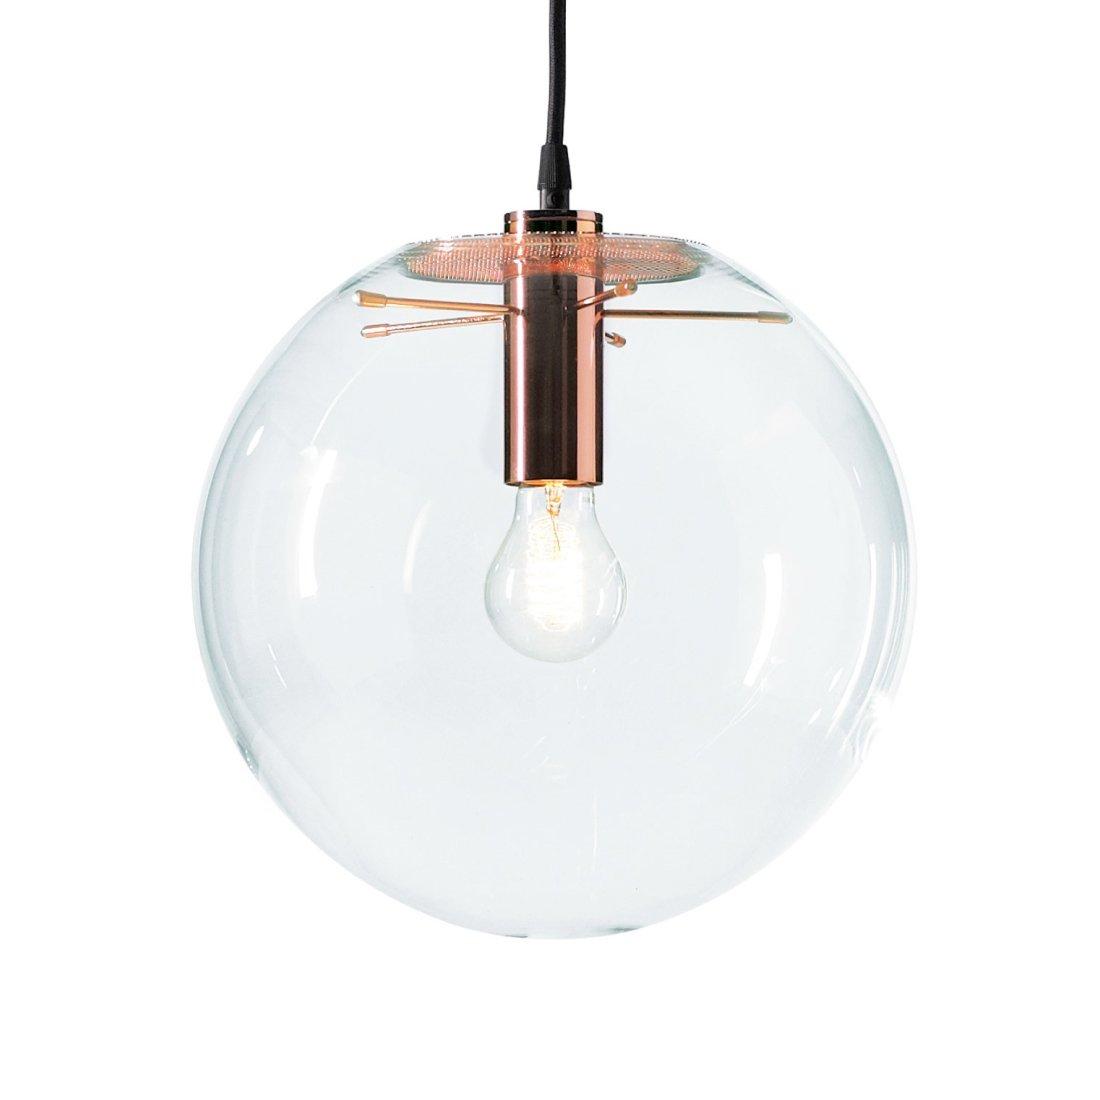 Classicon Selene Hanglamp 20 cm Koper